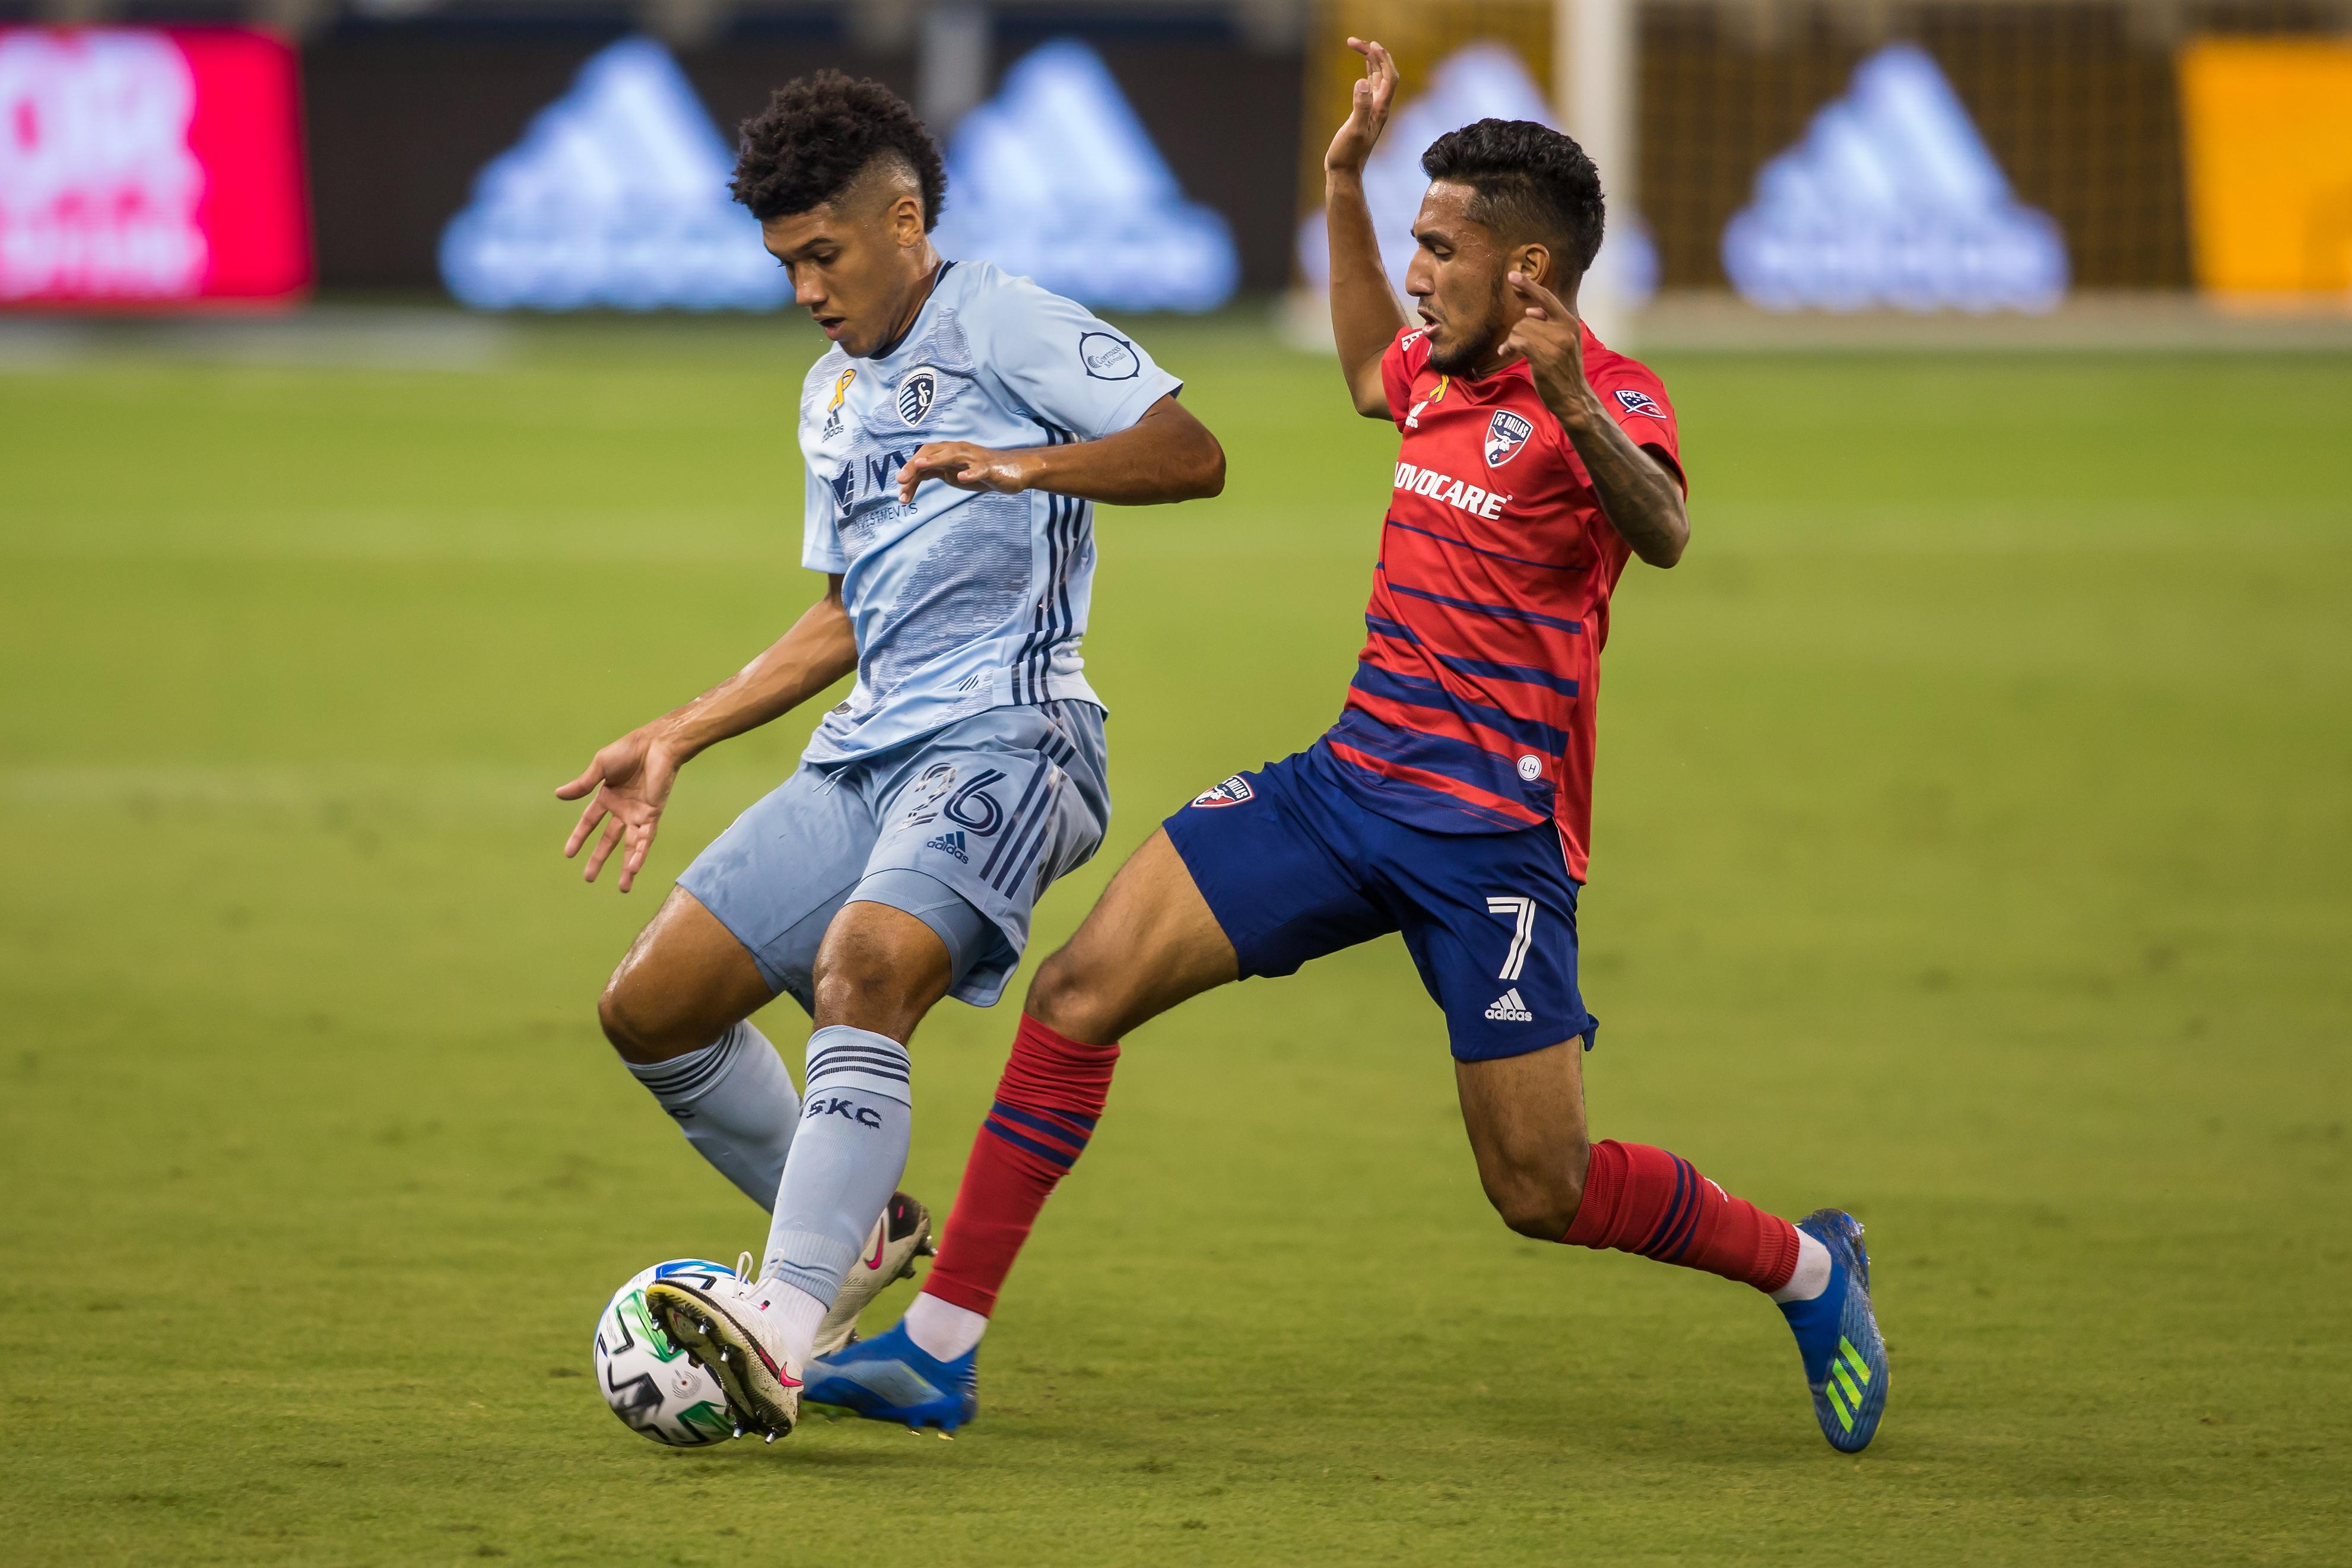 SOCCER: SEP 02 MLS FC Dallas at Sporting Kansas City